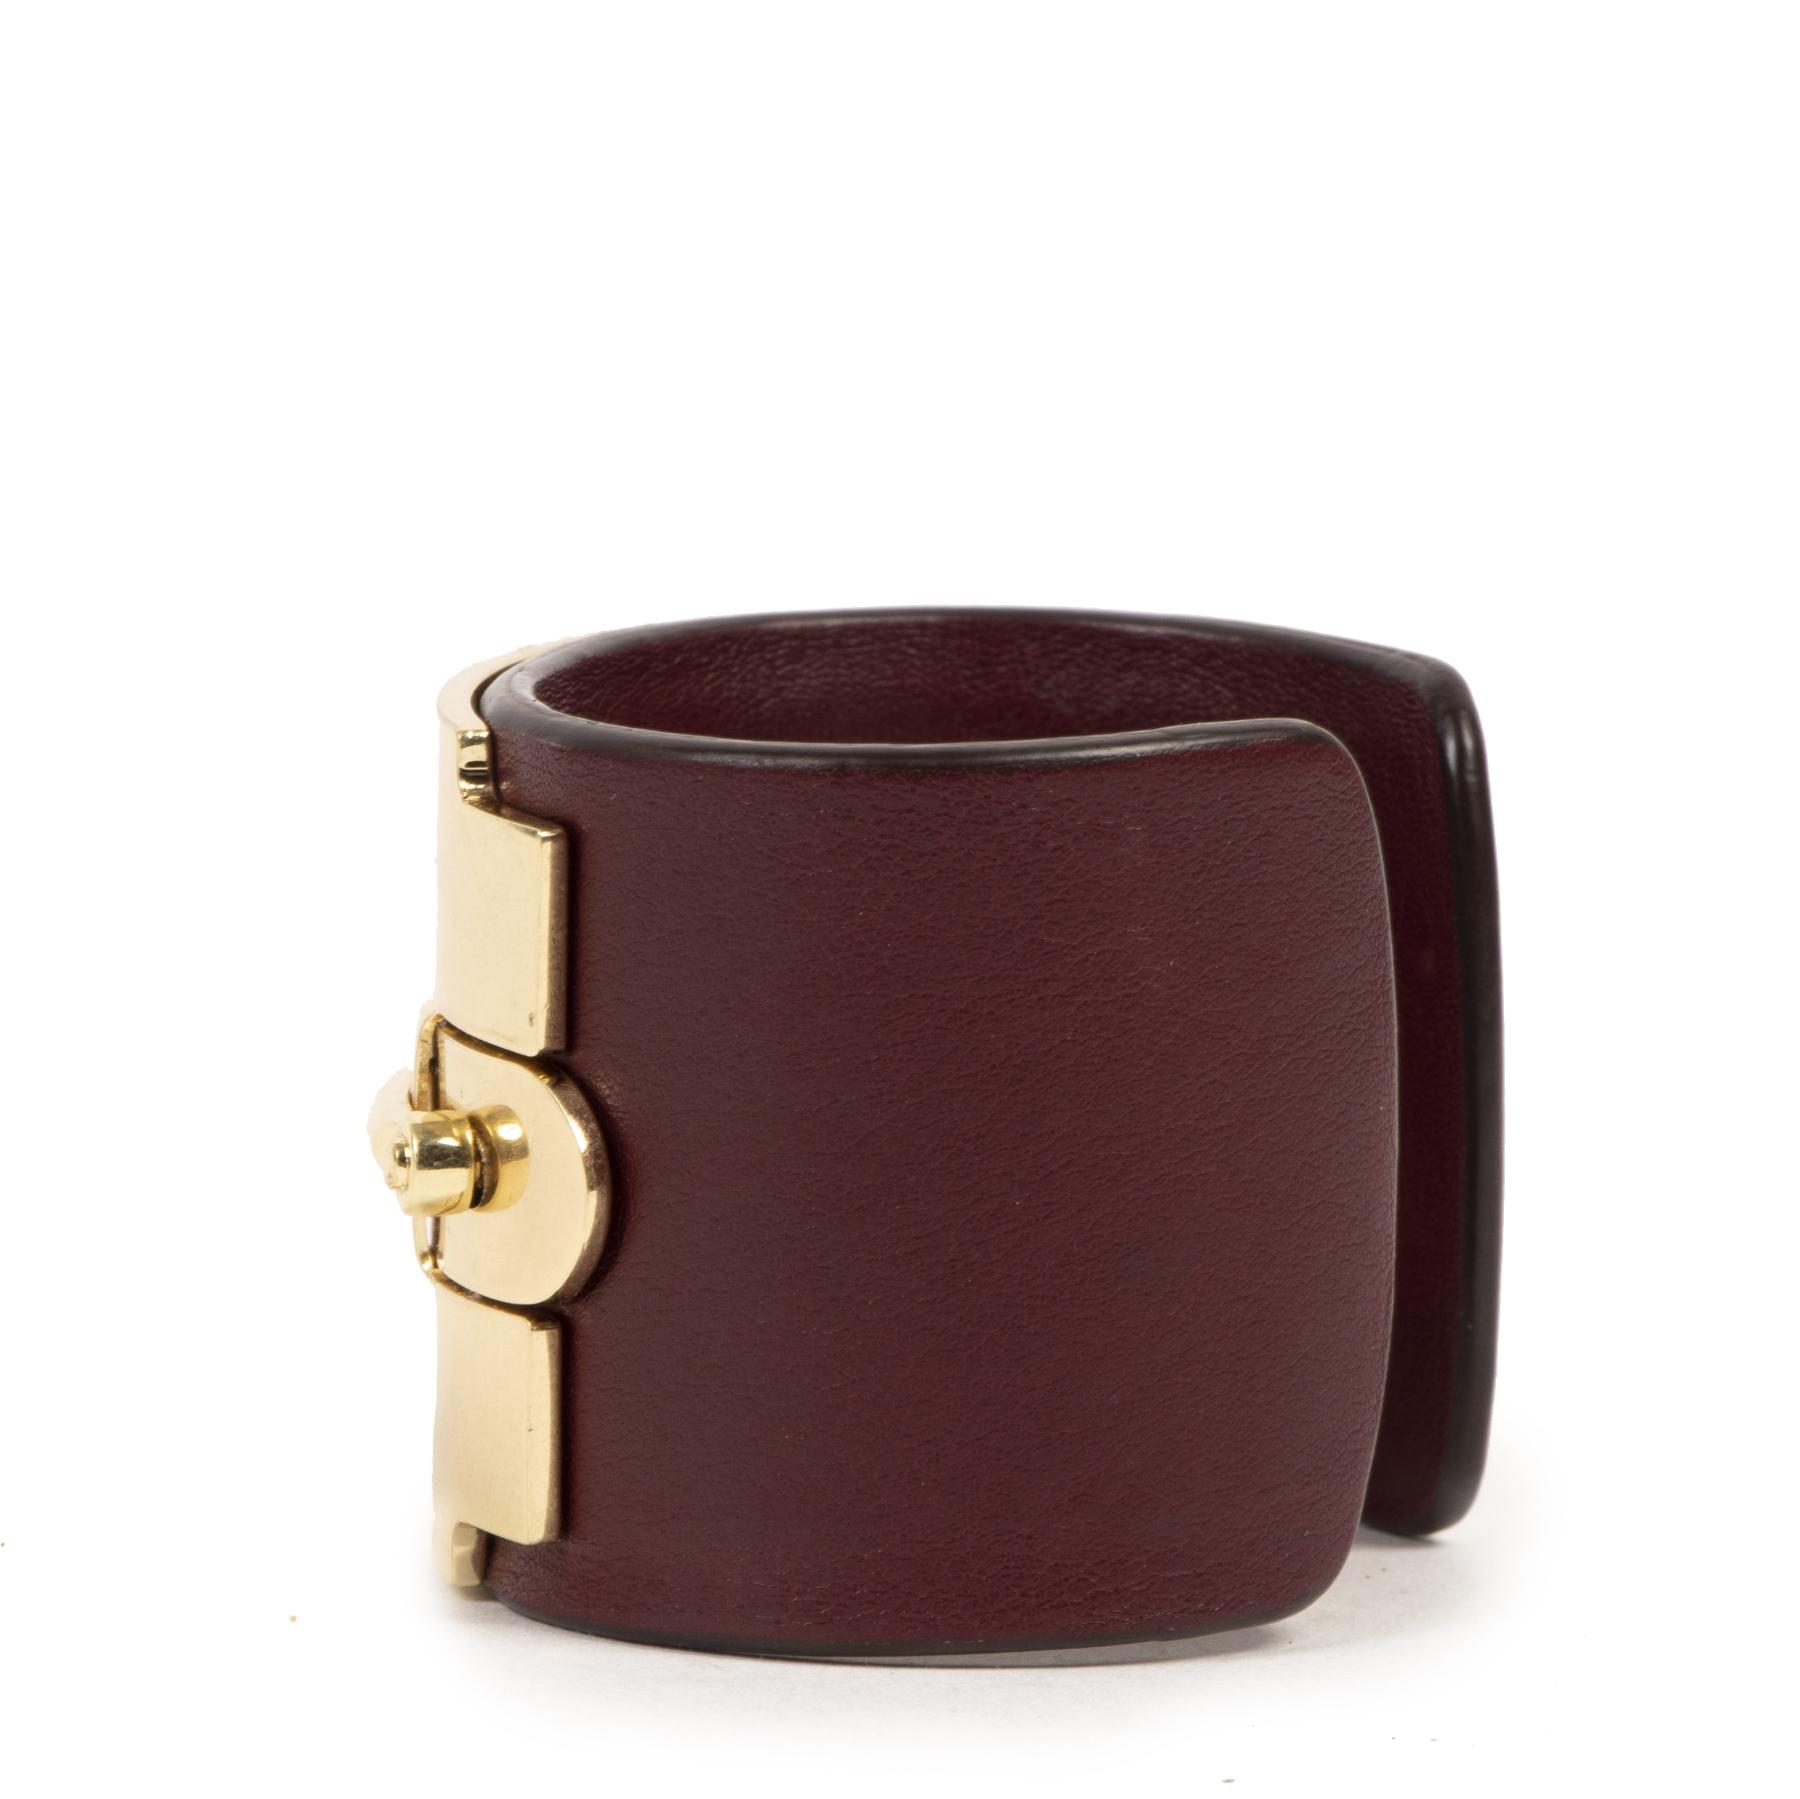 Authentieke Tweedehands Tod's Leather Horsebit Bracelet juiste prijs veilig online shoppen luxe merken webshop winkelen Antwerpen